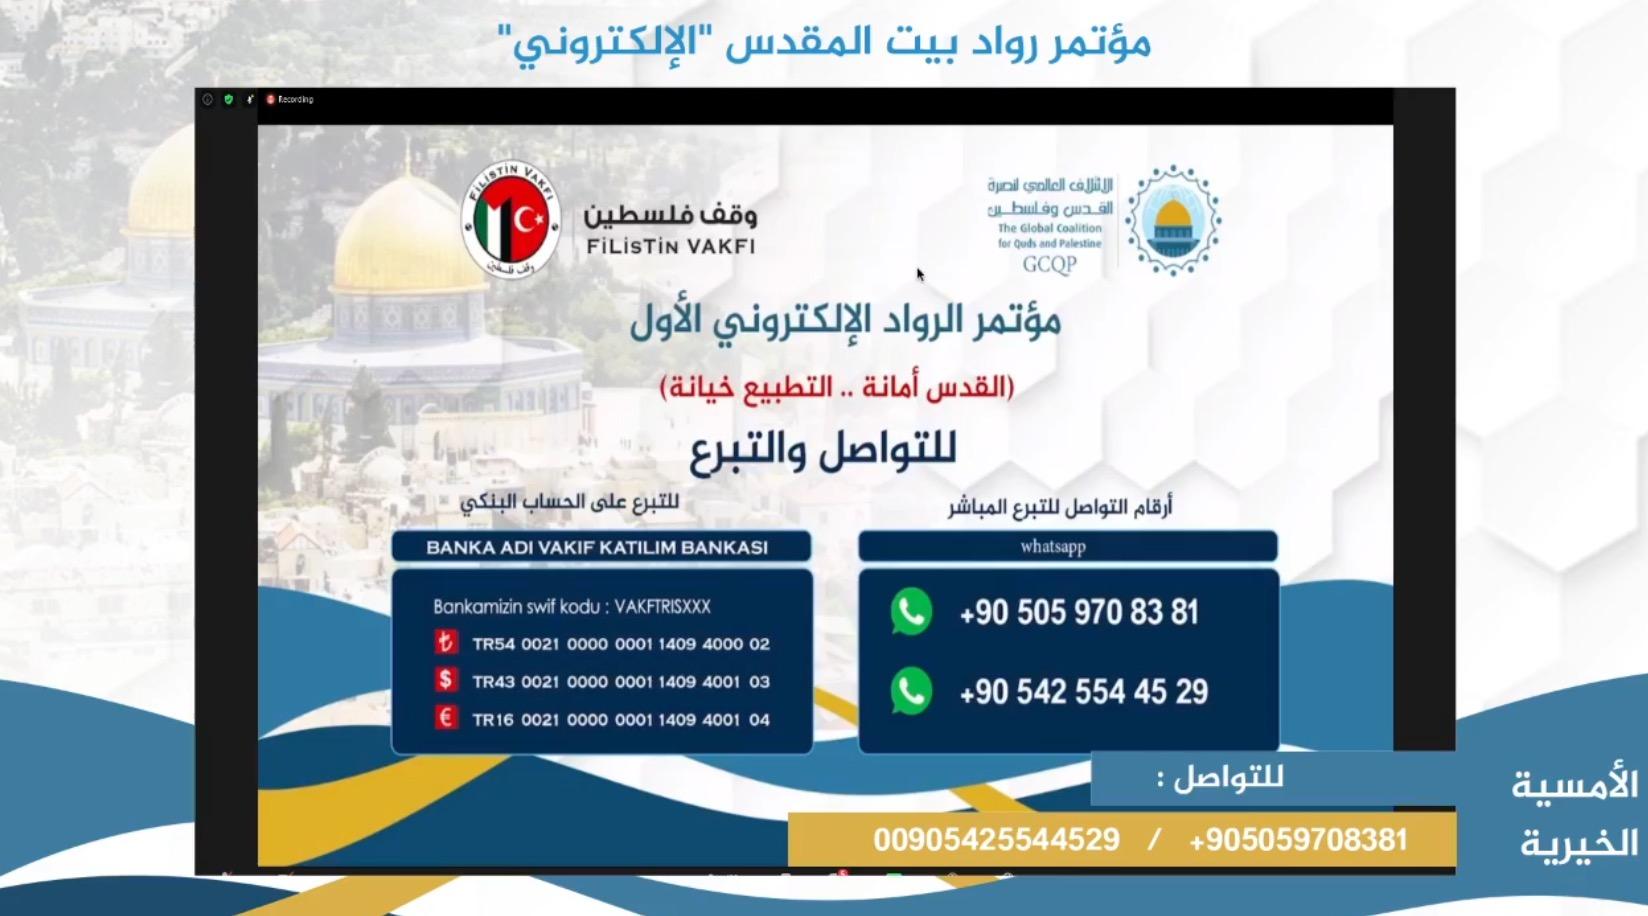 Eingeblendete Konten von türkischen Banken, anlässlich einer Online Spenden-Sammlung für Hamas im Fernsehsender Al-Aqsa TV am 7. November 2020. Foto Screenshot Facebook